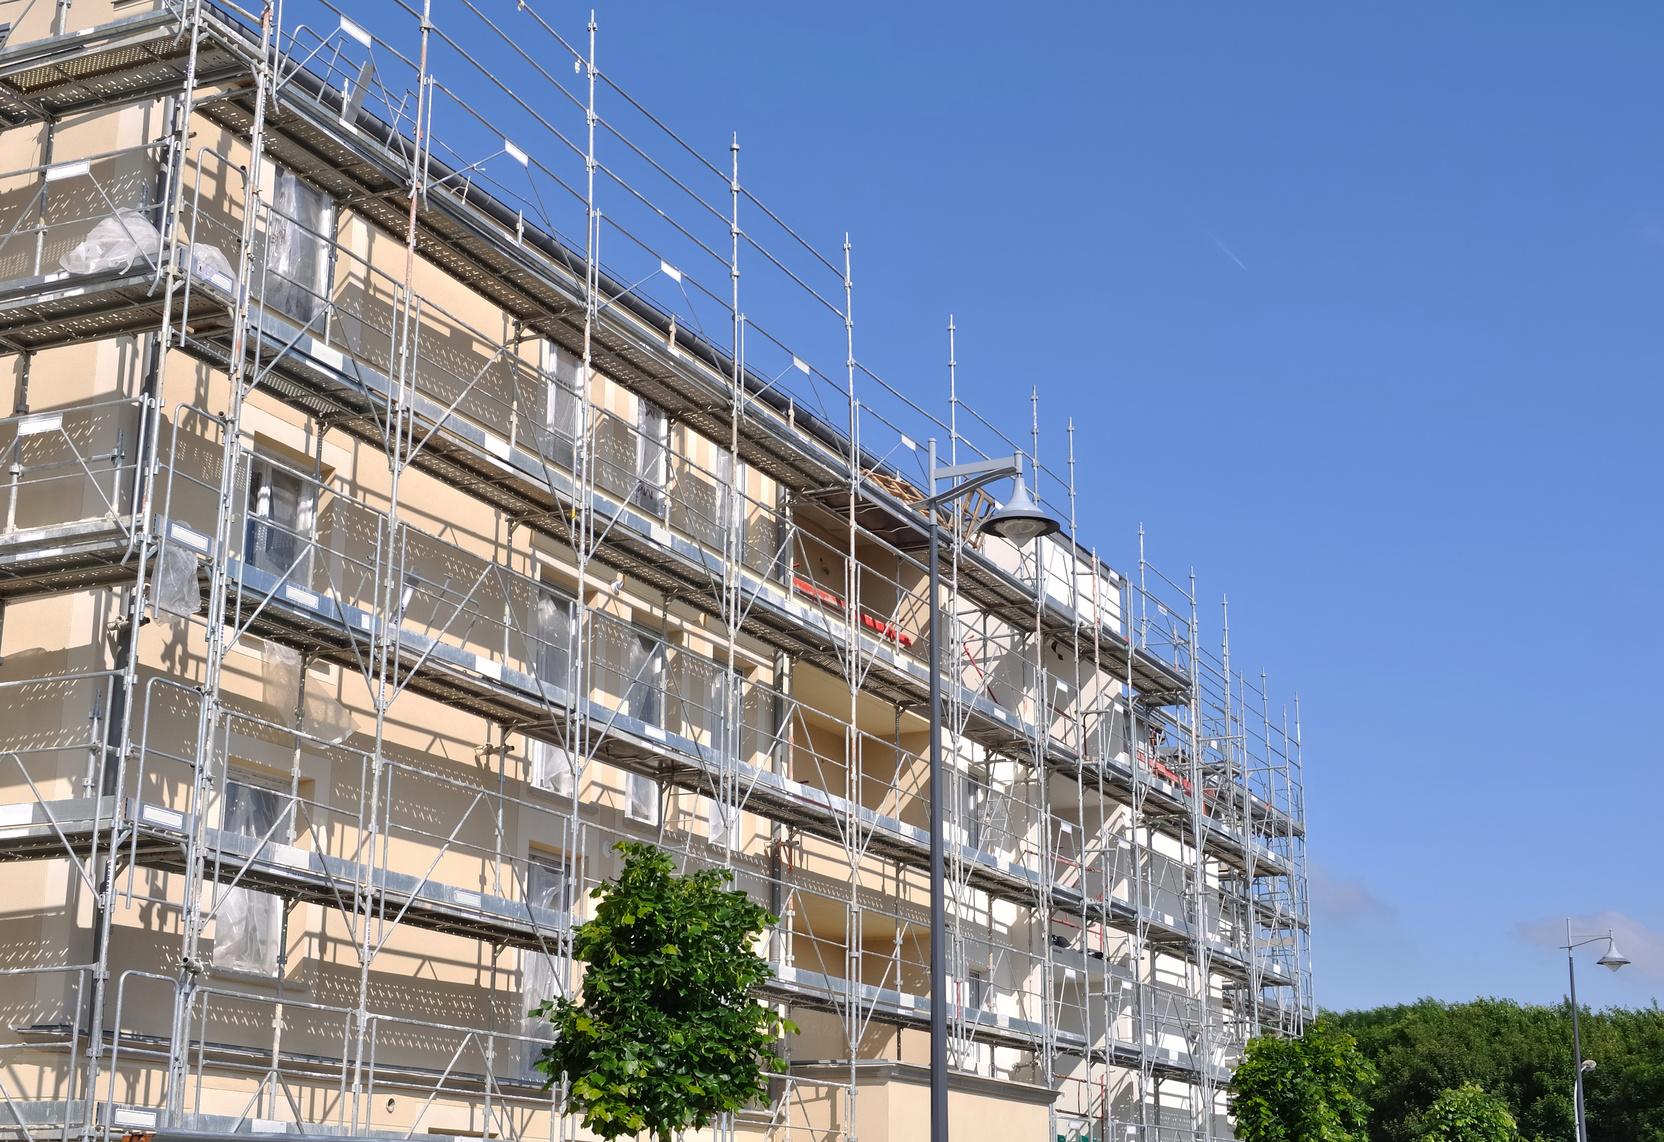 Prix de ravalement d un immeuble - Prix ravalement facade ...